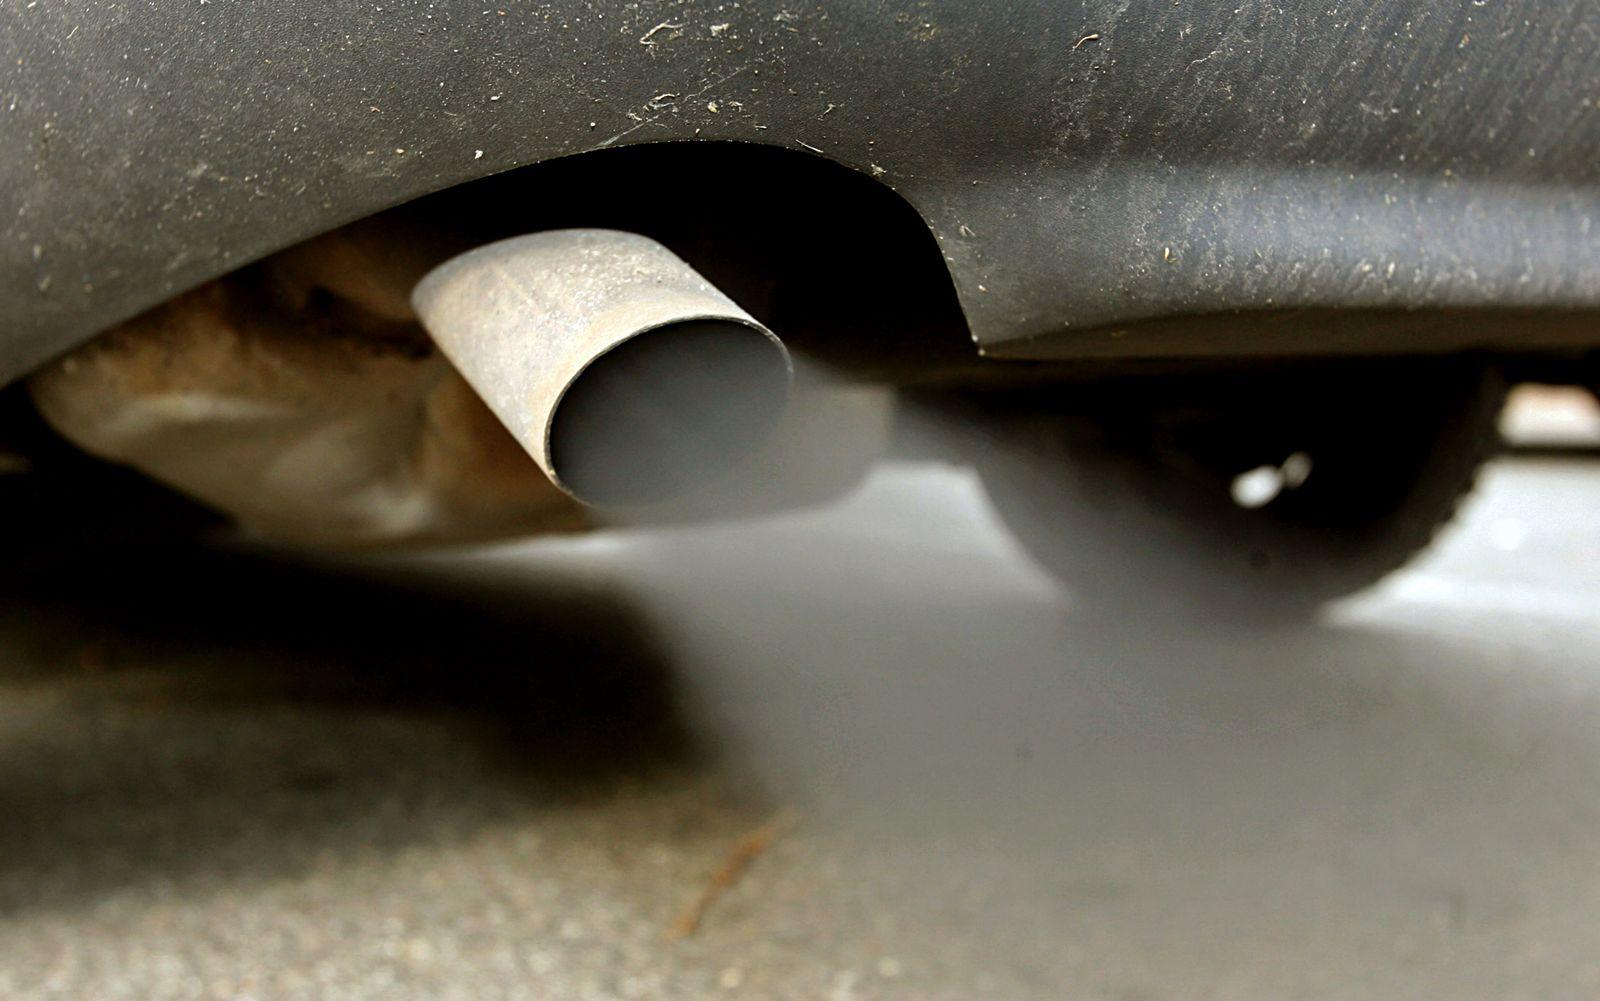 Autoabgase mit schwarzem Rauch